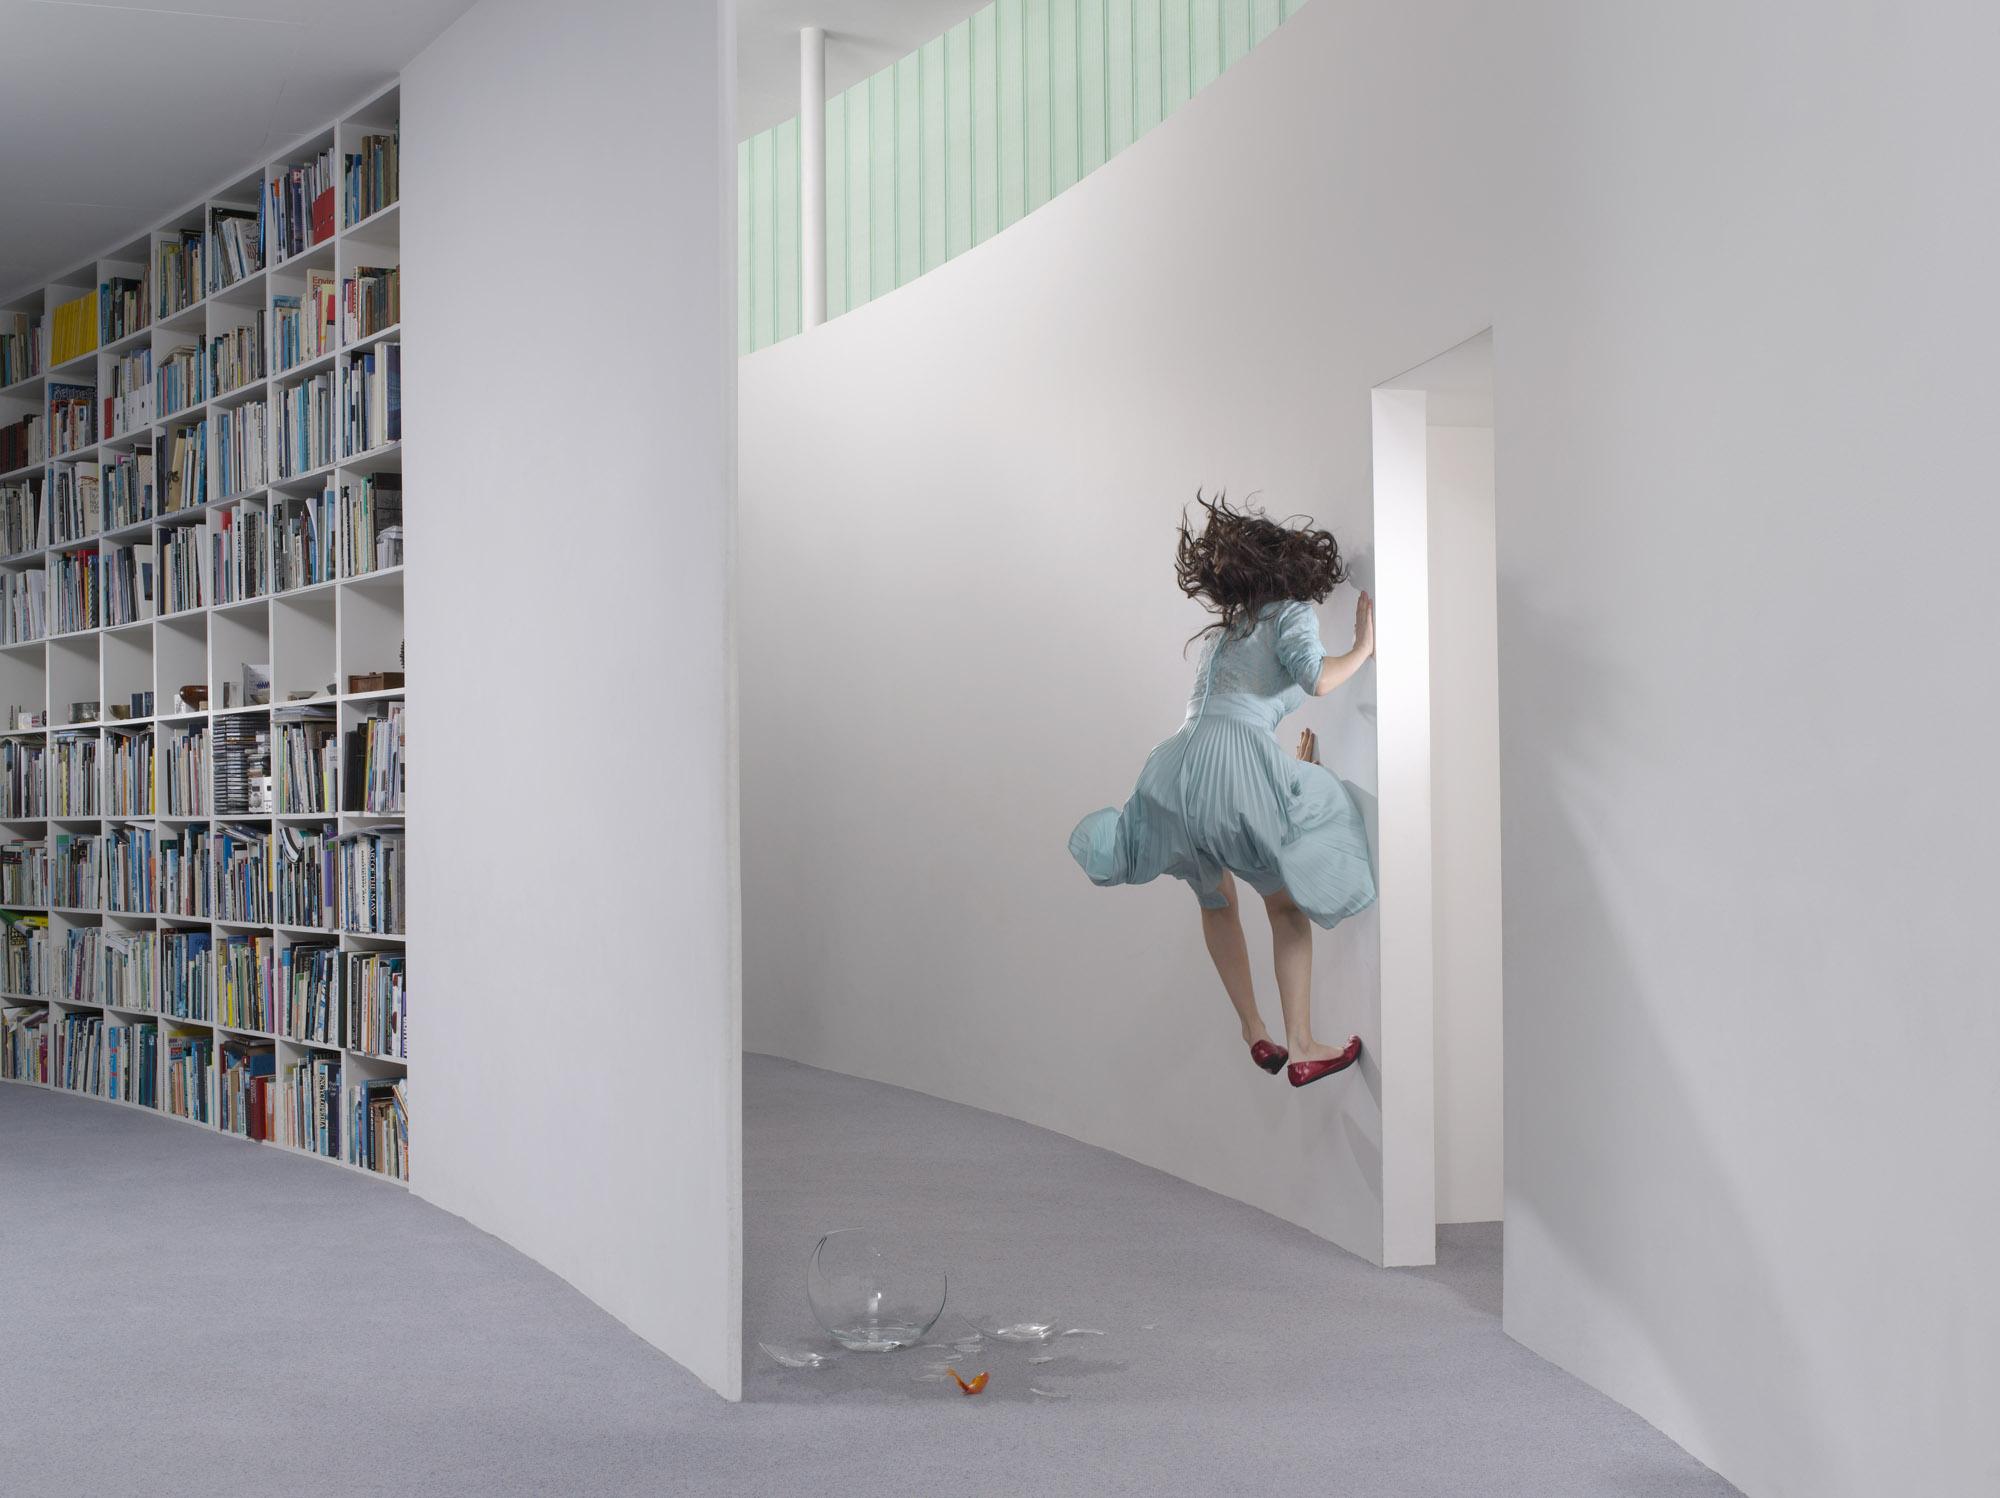 Hallway  - 'In Between', 2009 - 2010